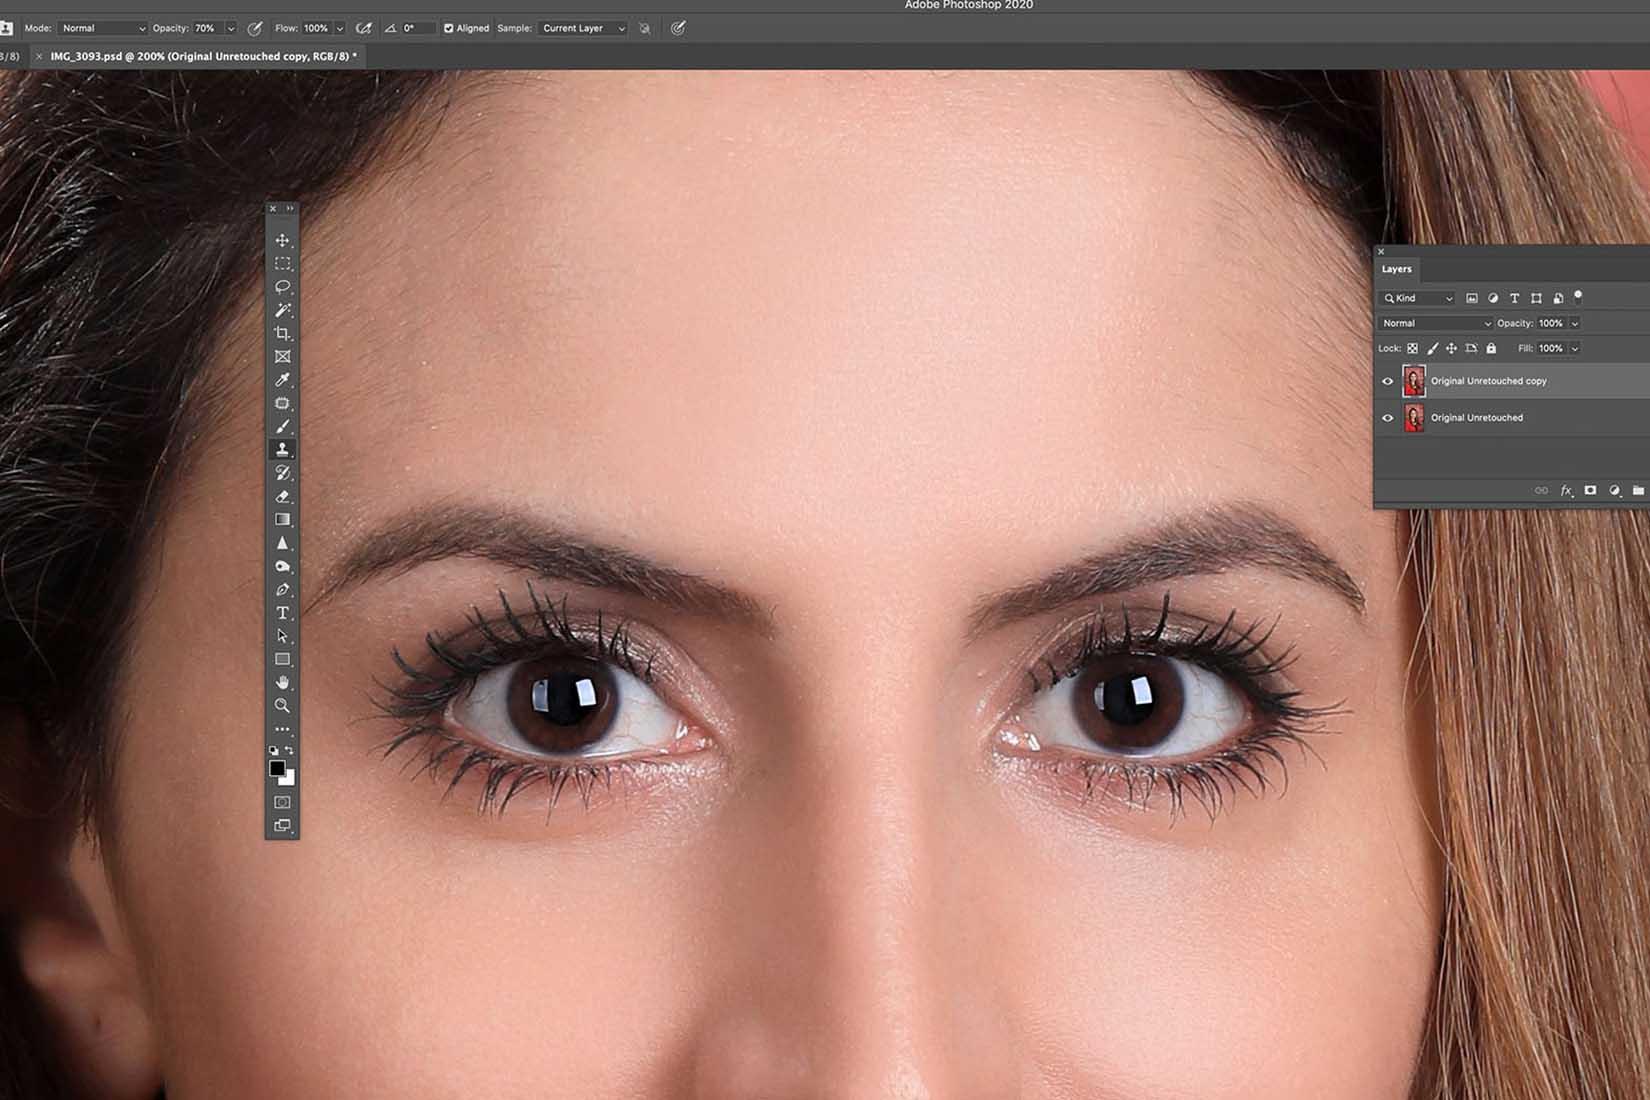 photoshop retouching of eyes